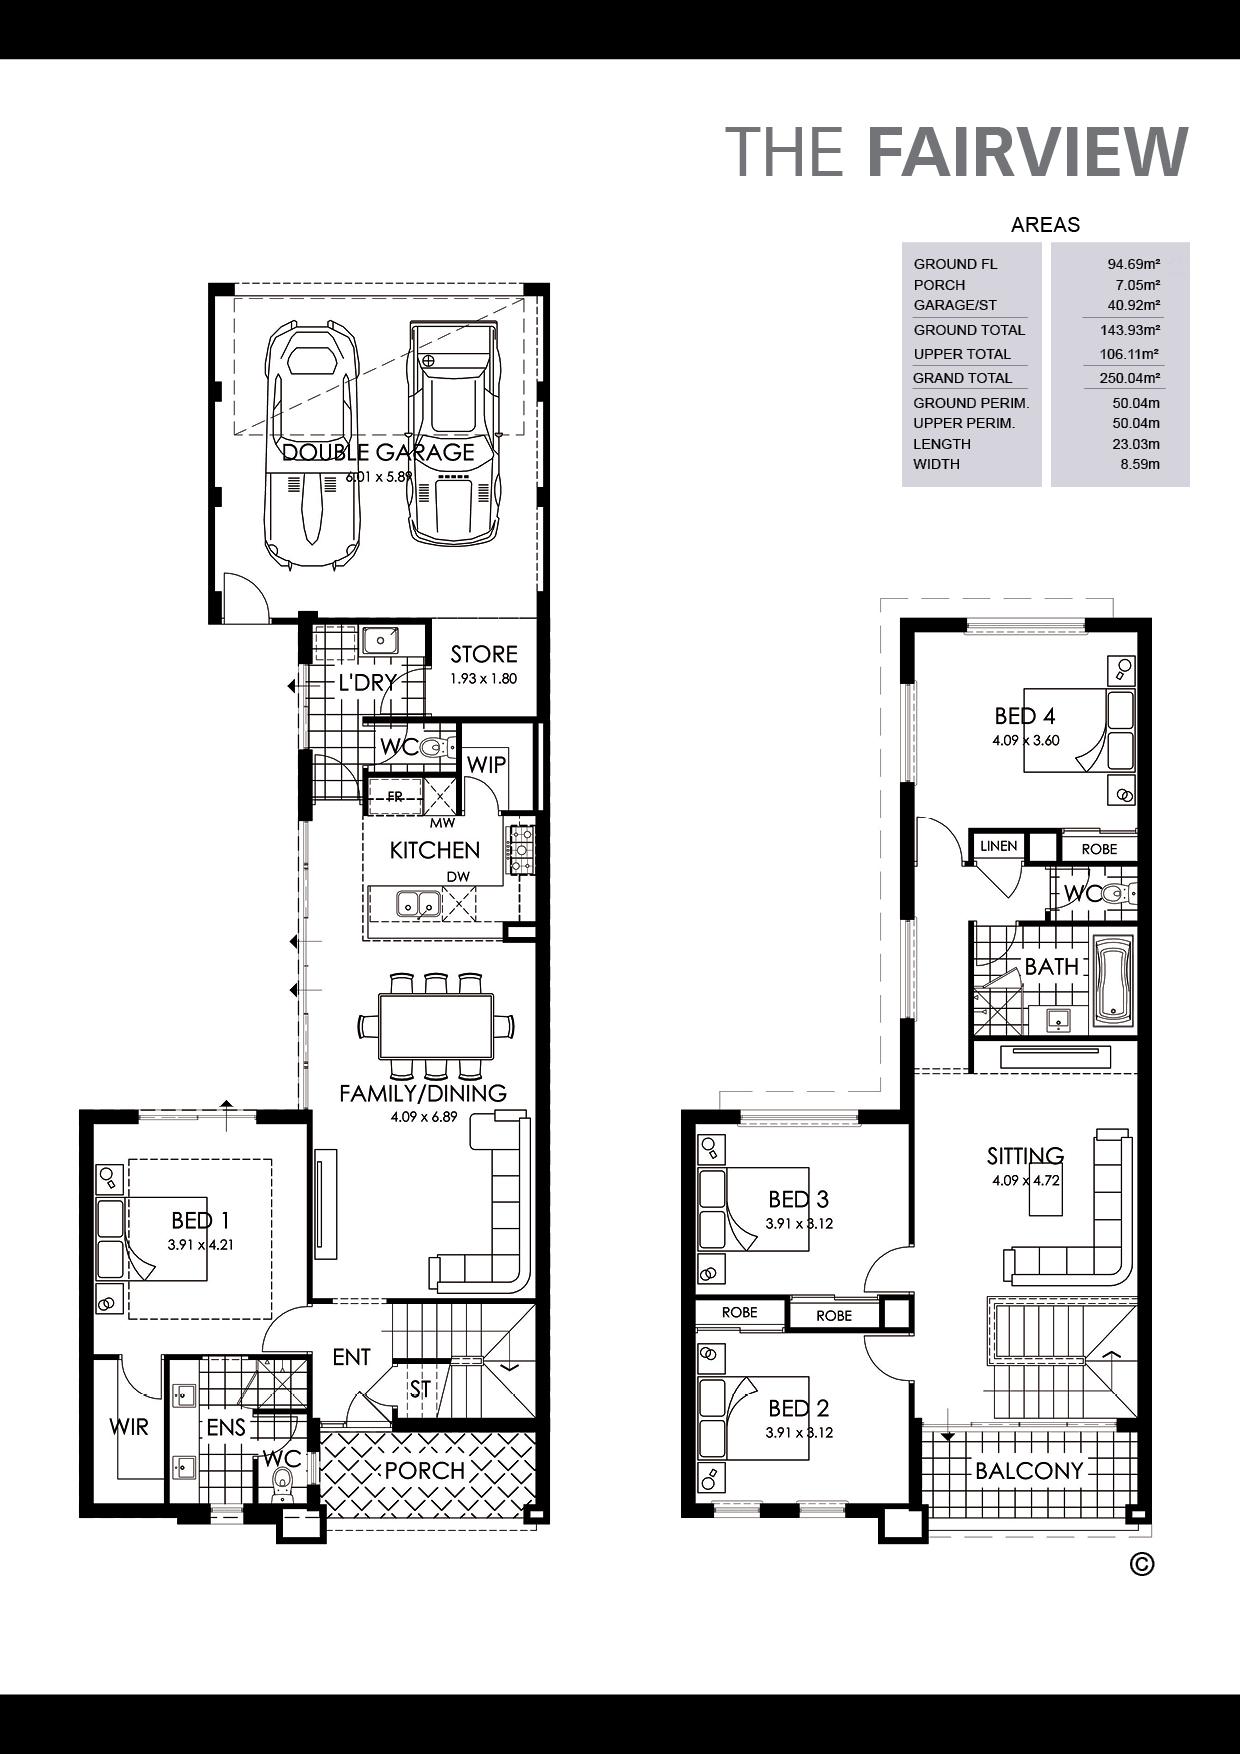 The Fairview Floorplan